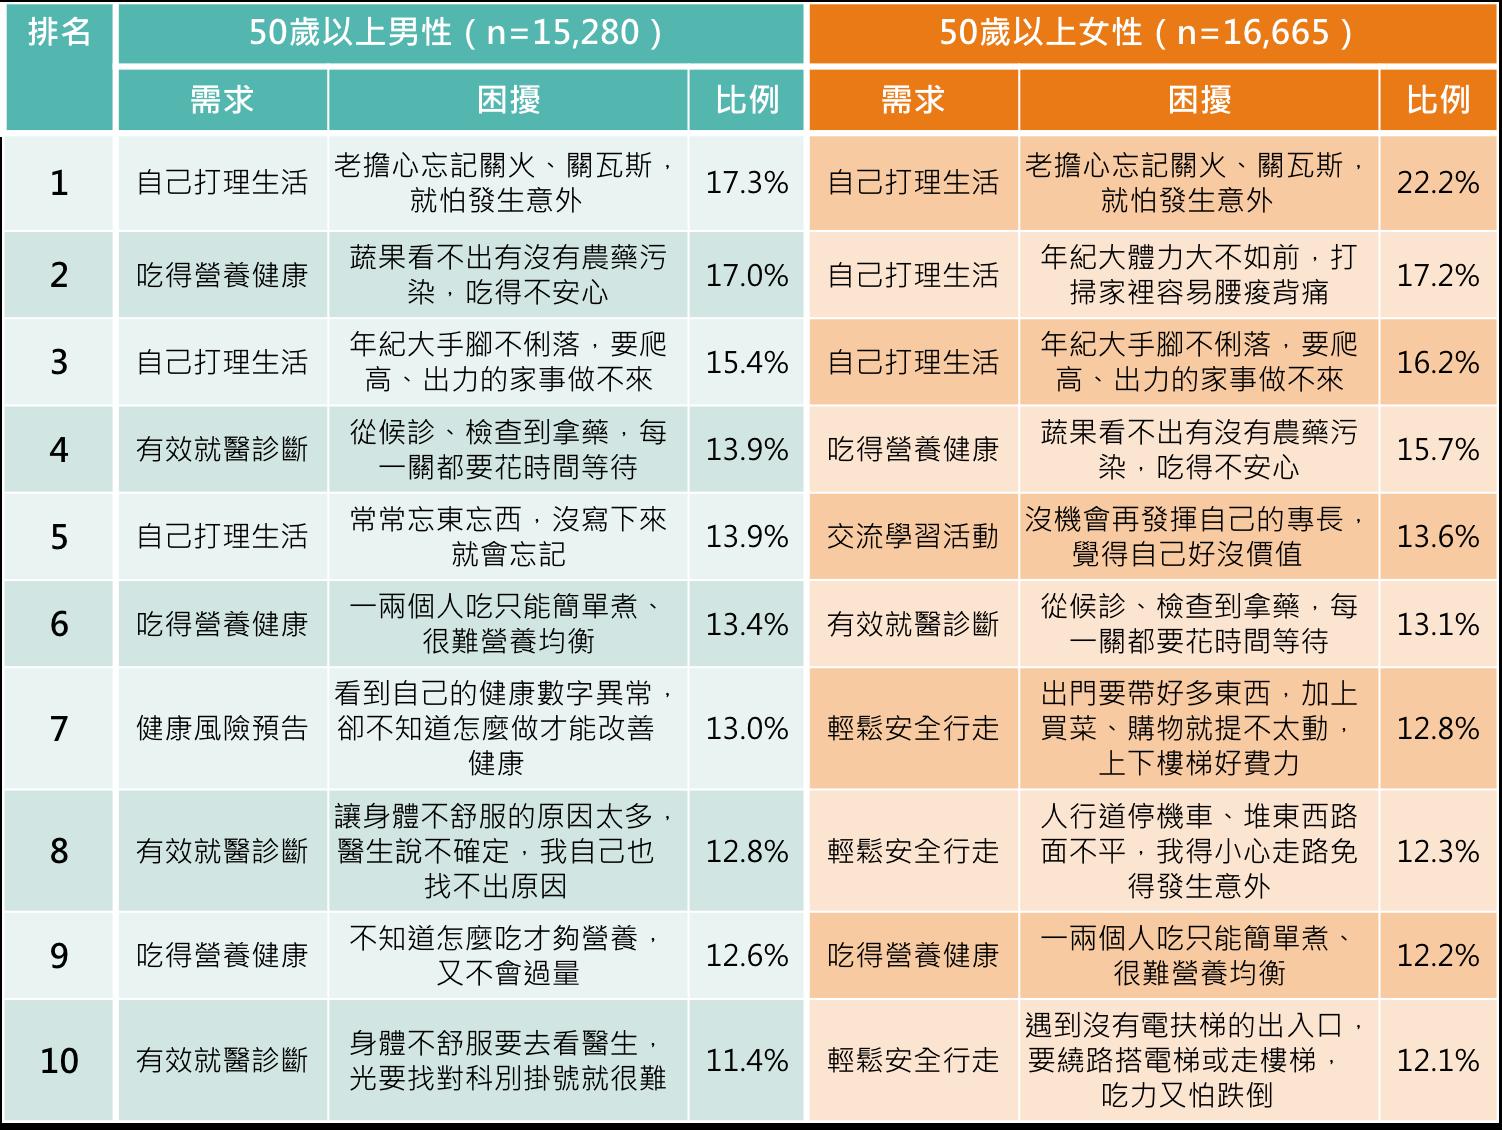 %e5%9c%962%ef%bc%9a50%e6%ad%b2%e4%bb%a5%e4%b8%8a%e7%94%b7%e5%a5%b310%e5%a4%a7%e7%94%9f%e6%b4%bb%e5%9b%b0%e6%93%be%e6%8e%92%e5%90%8d